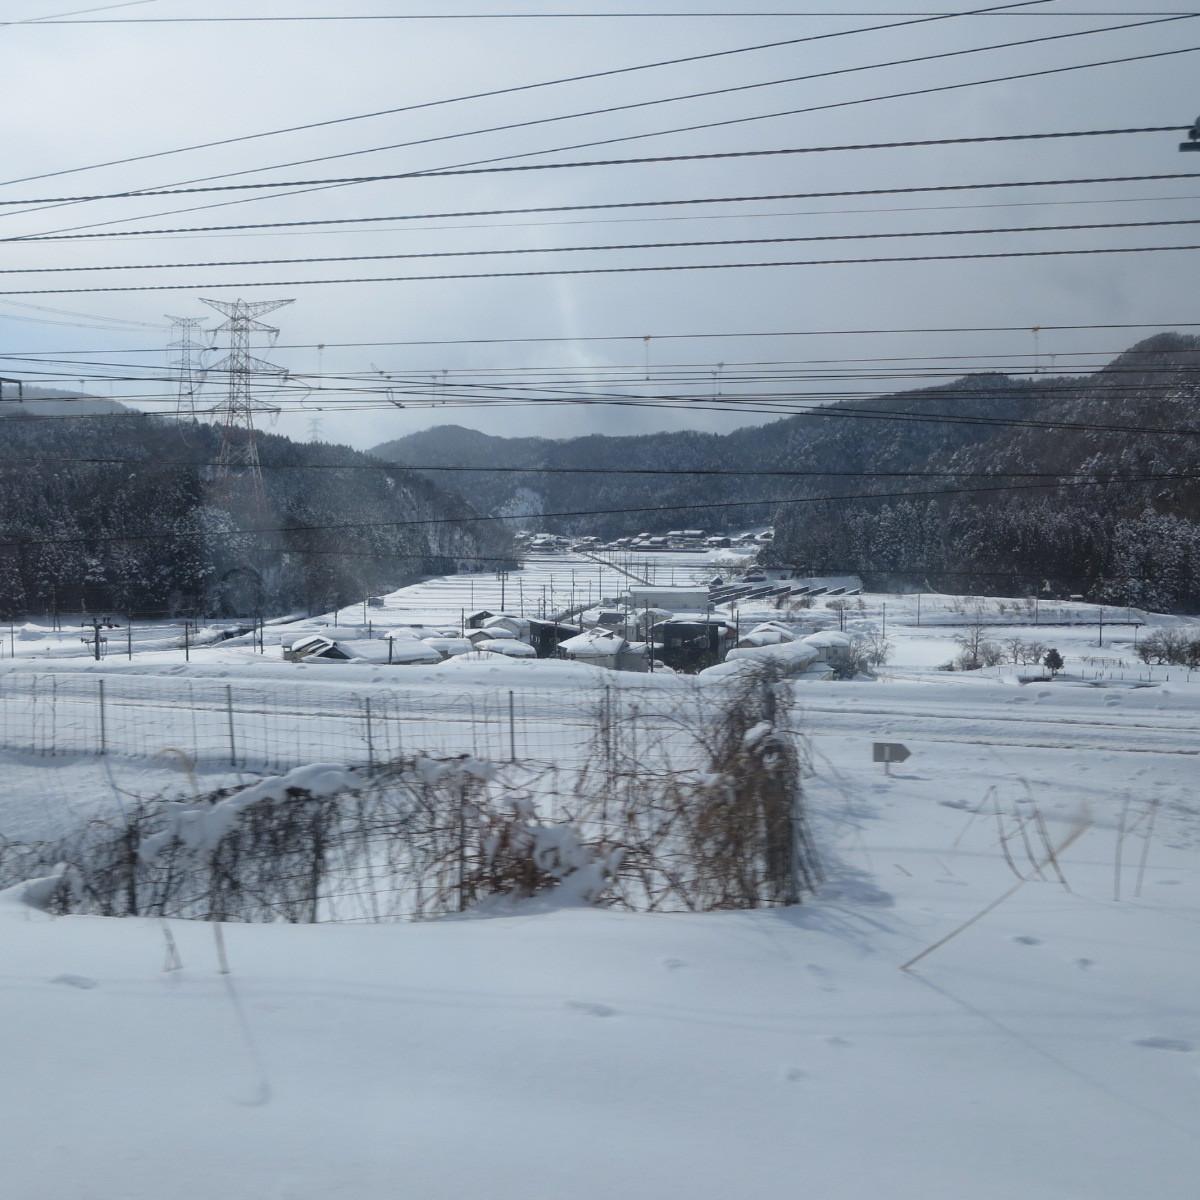 突然ですが雪景色でお楽しみください_c0001670_20495590.jpg